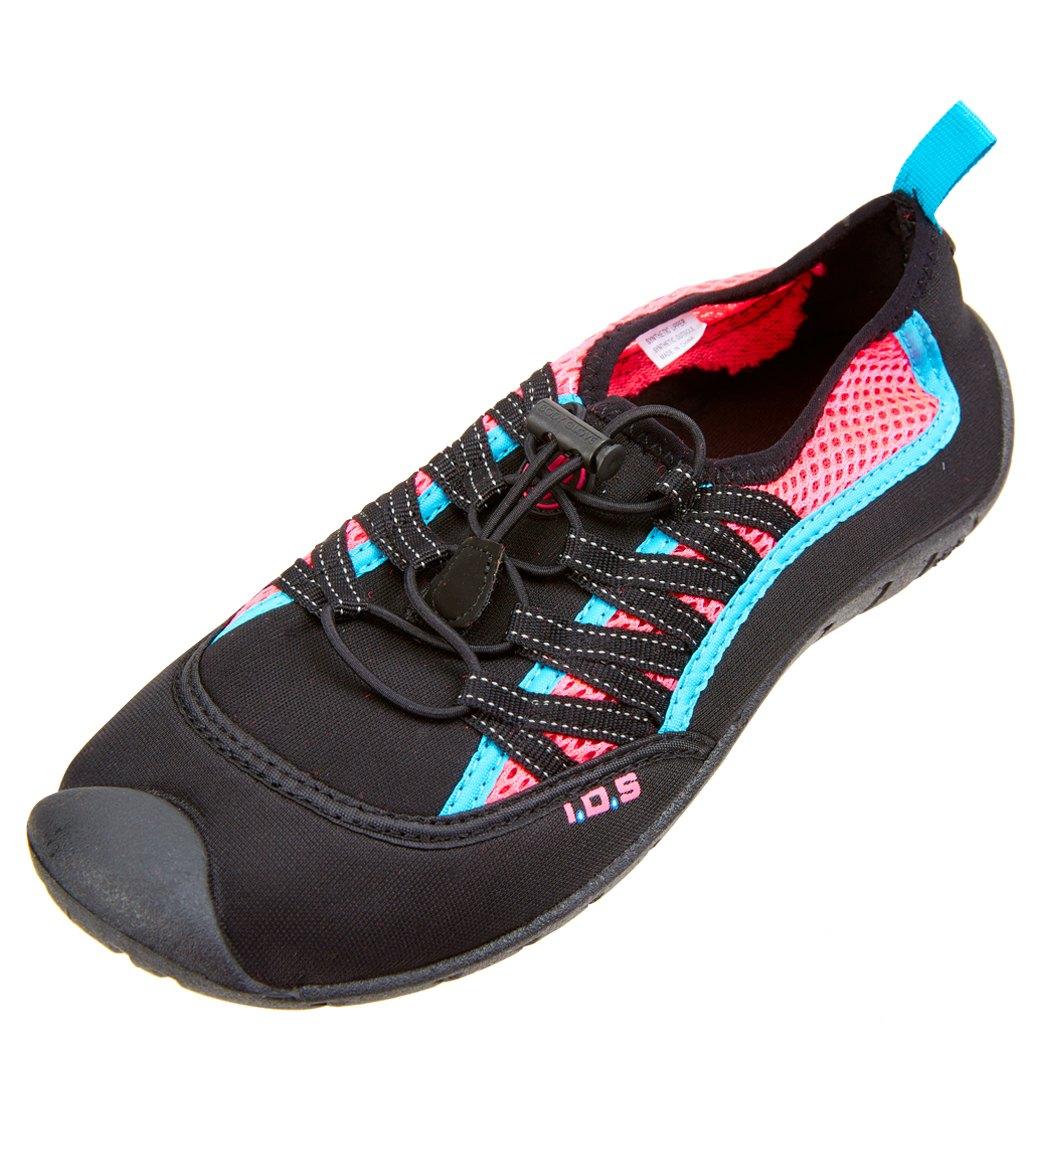 9344756d3d7d Body Glove Women s Sidewinder Water Shoe at SwimOutlet.com